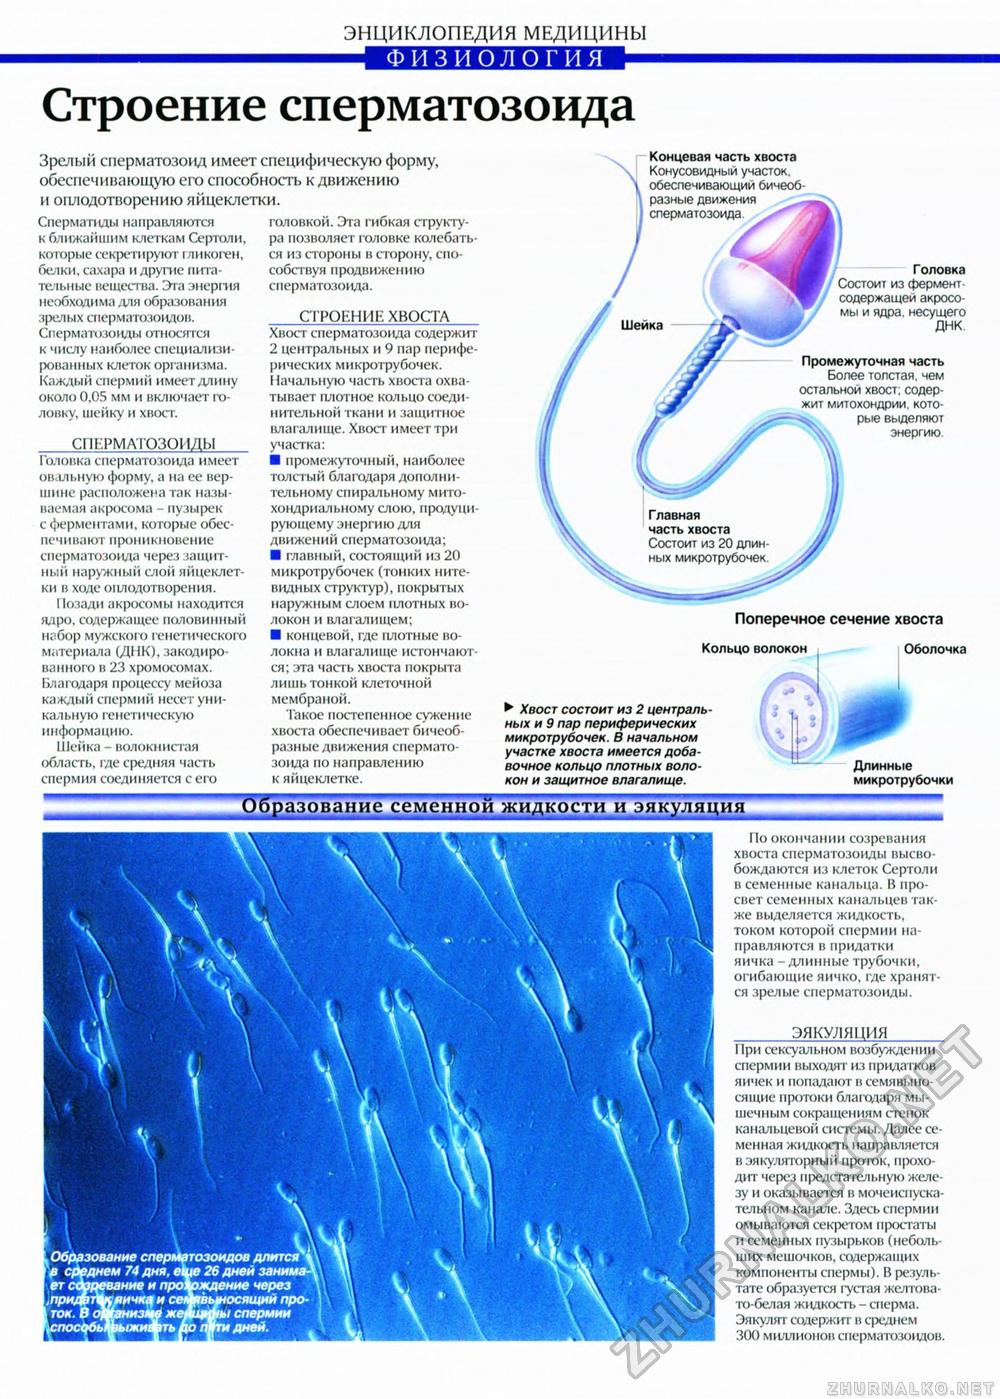 Образование спермы у человека